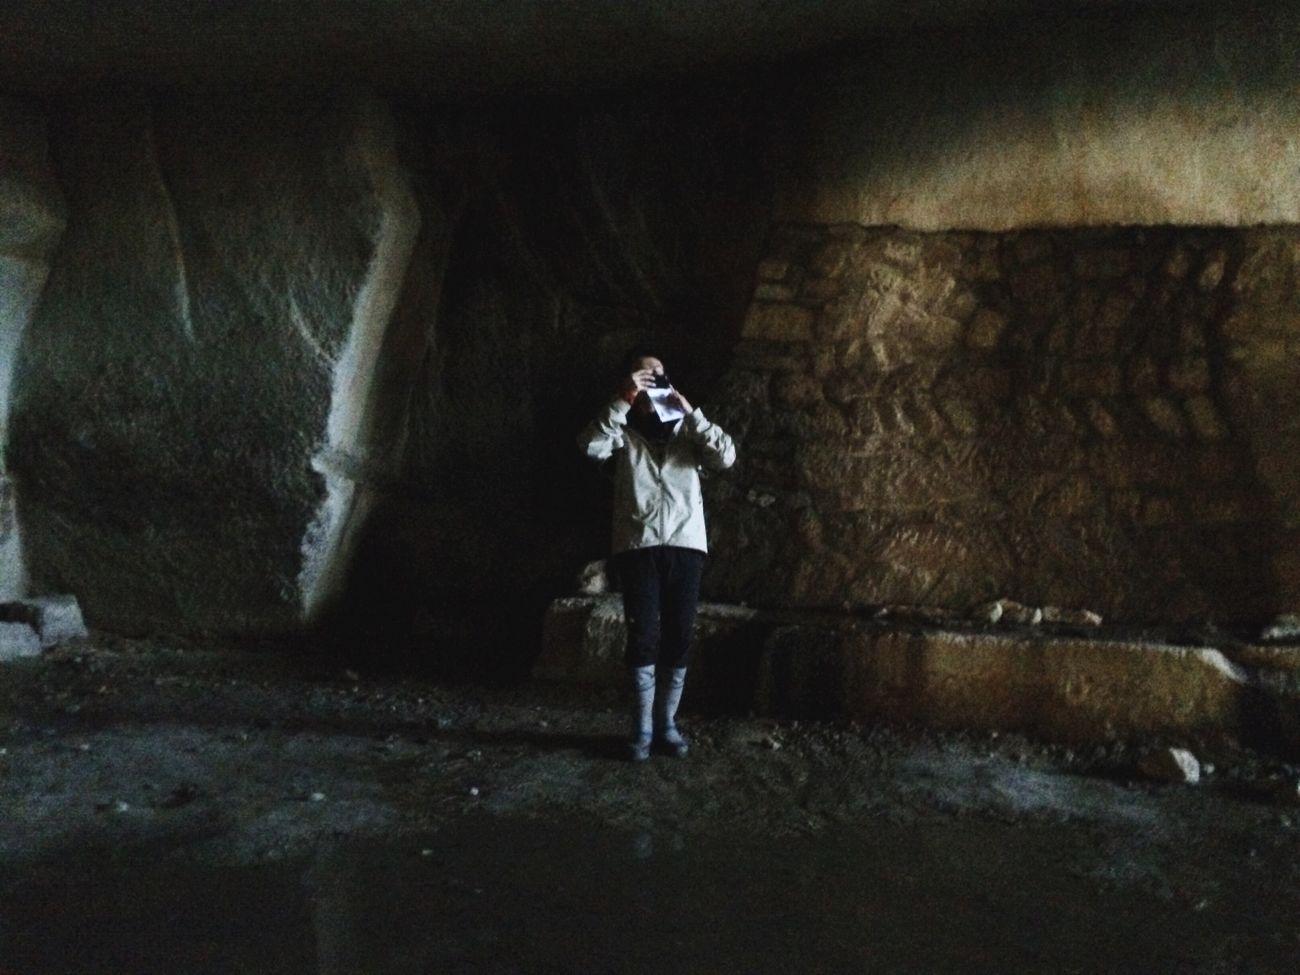 Underground OHYA 大谷採石場 宇都宮 Japan Utsunomiya チイキカチ